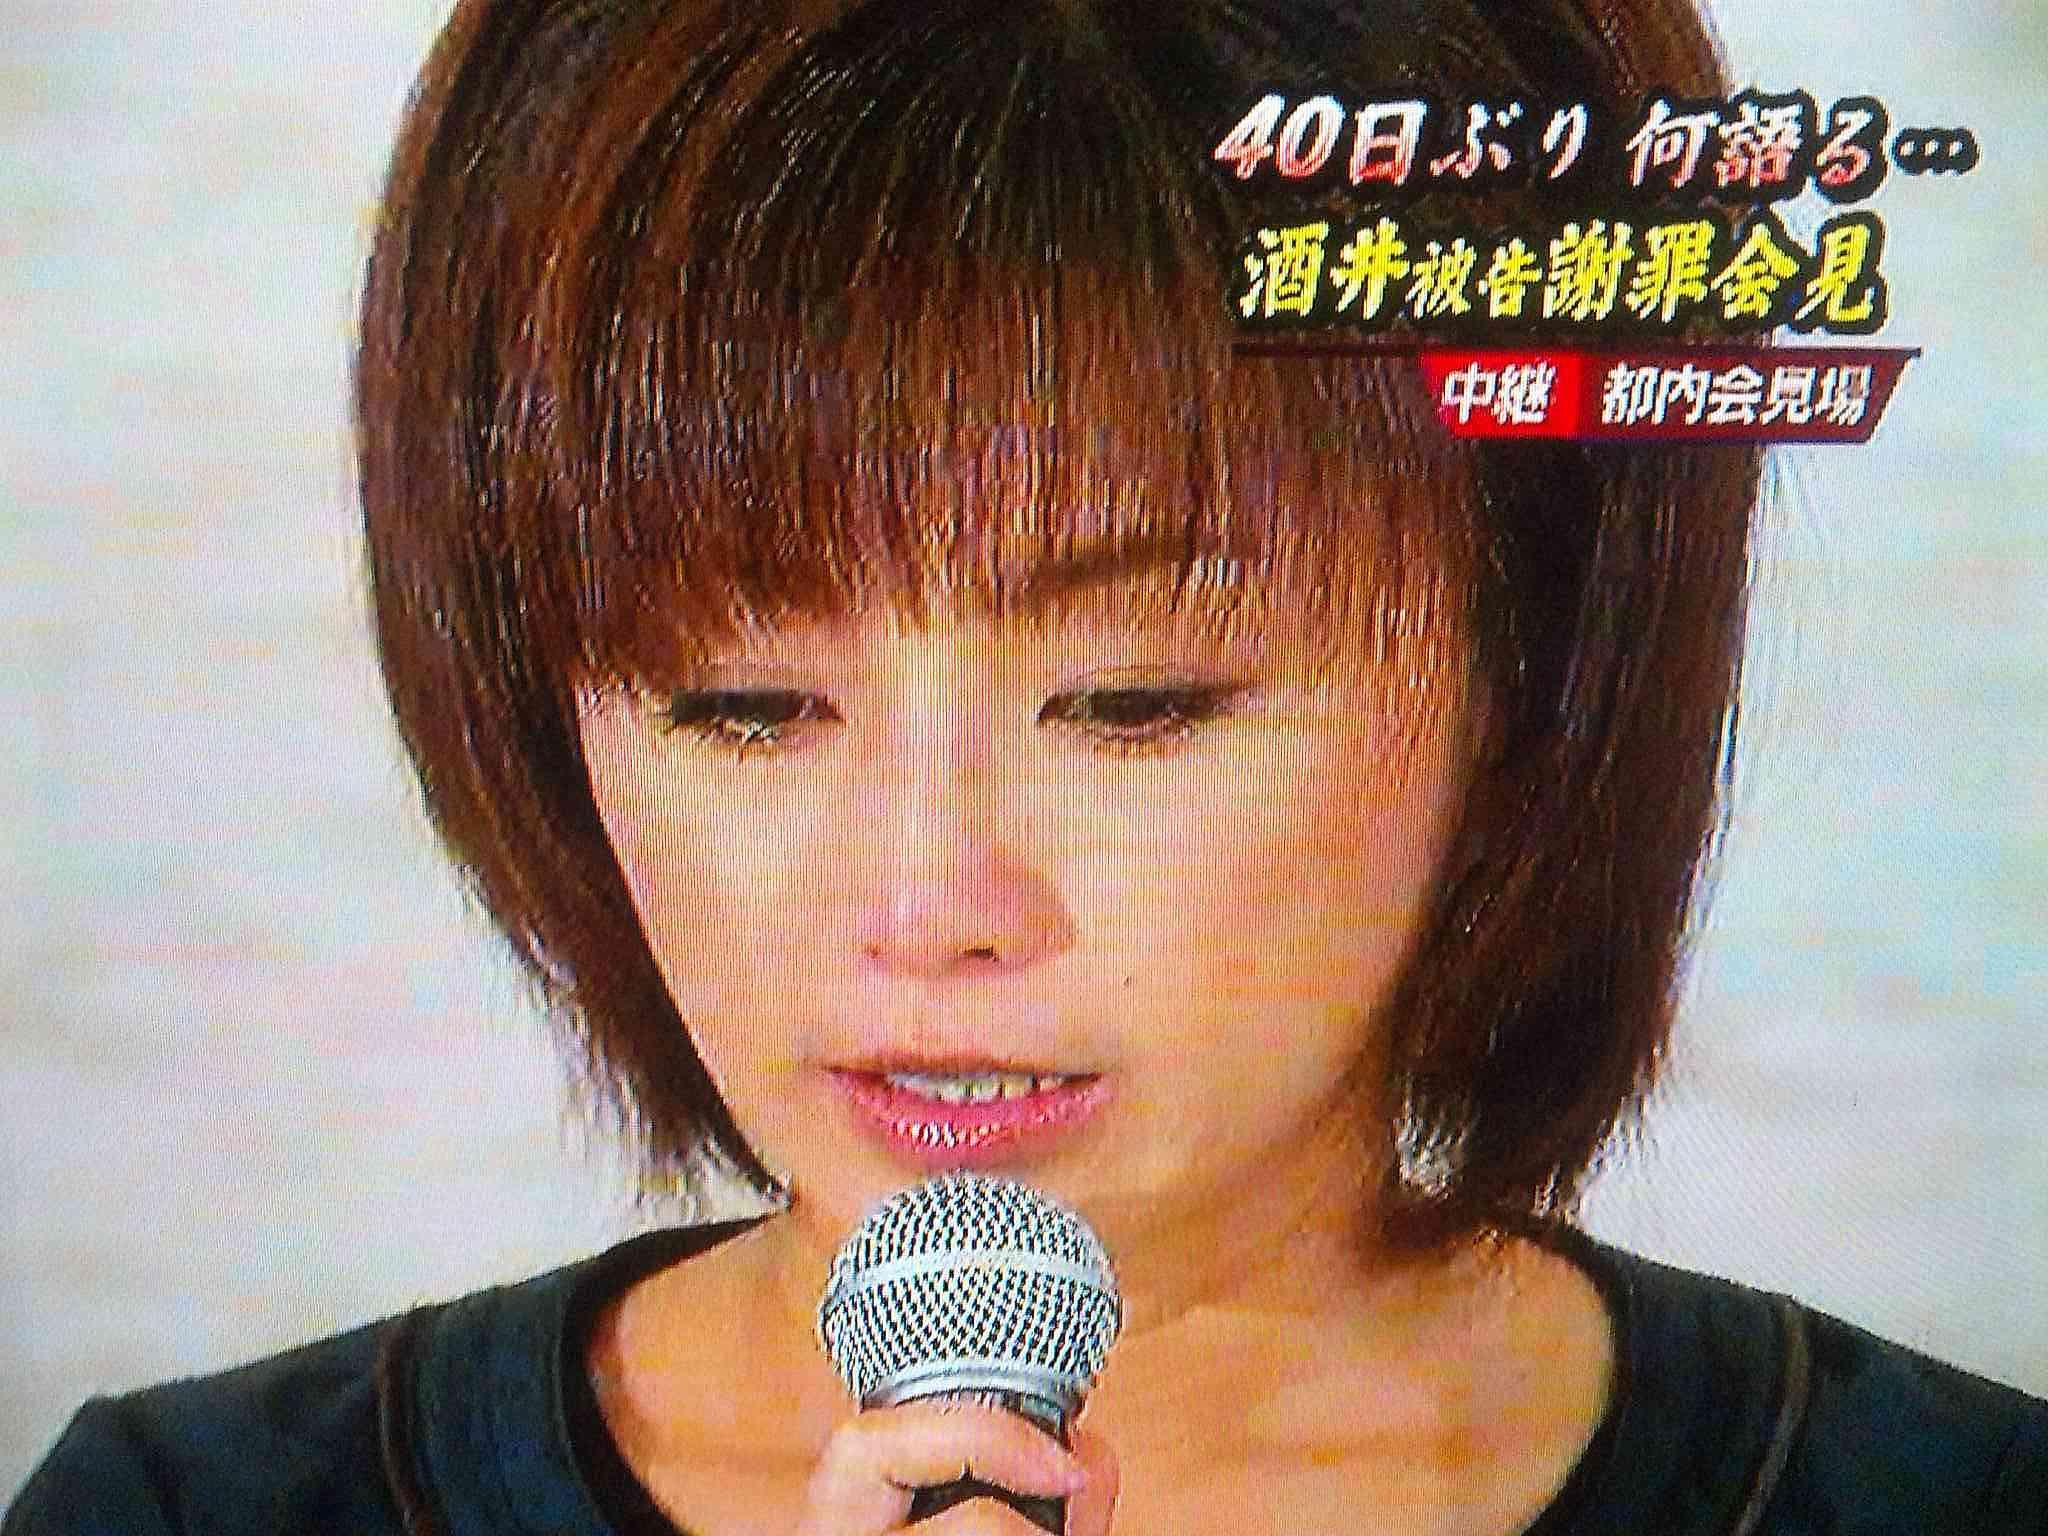 酒井法子が女優復帰会見「心の底から感謝」